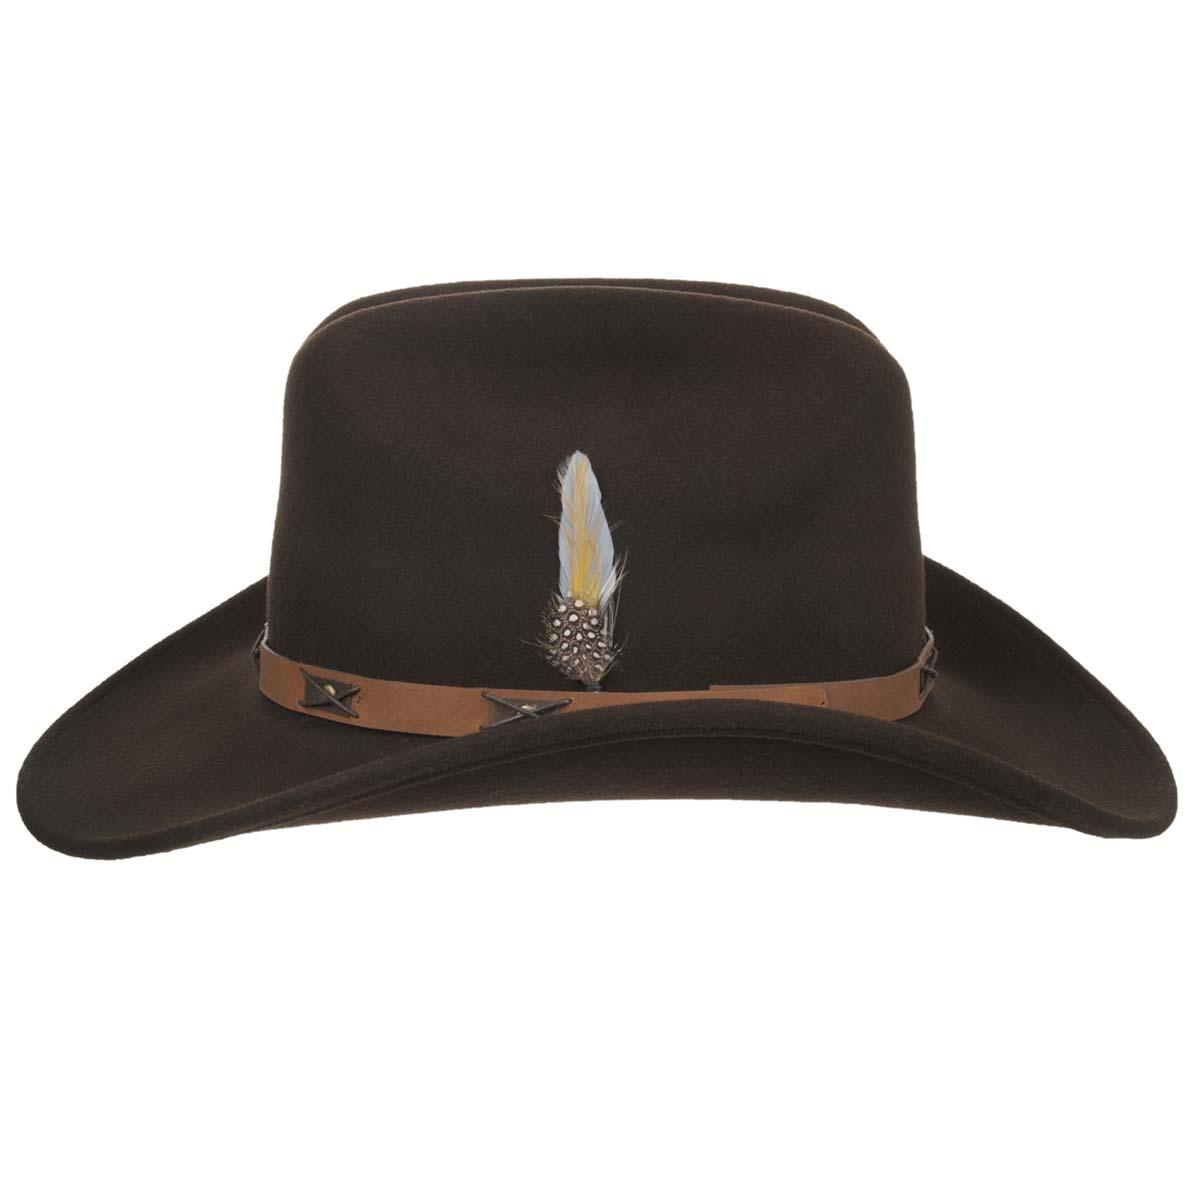 cappello cowboy da uomo by Stetson cappello cowboy da uomo by Stetson ... 391d051e5a1b